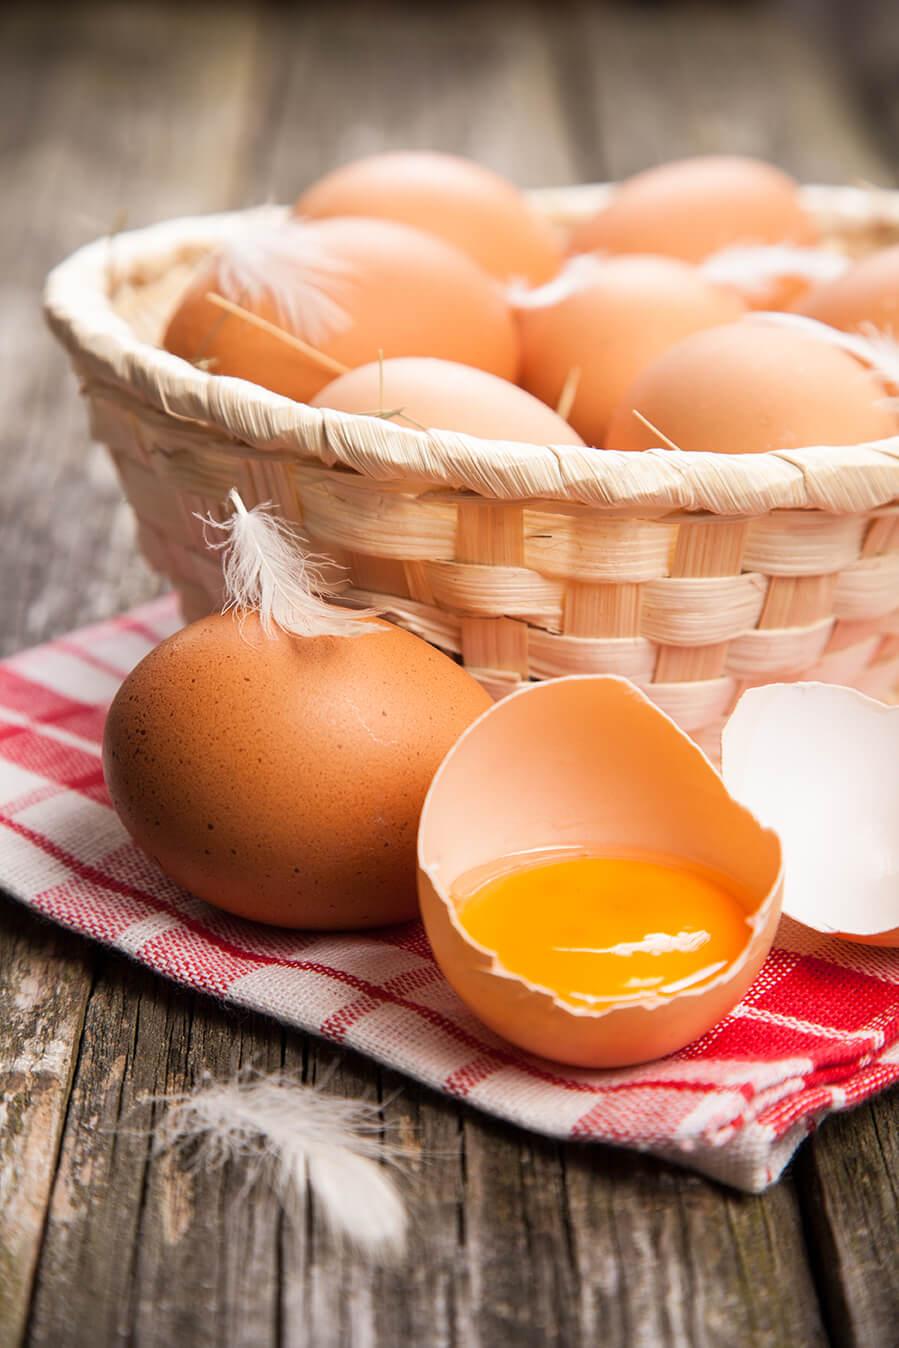 Morning Fresh Farms Egg Basket